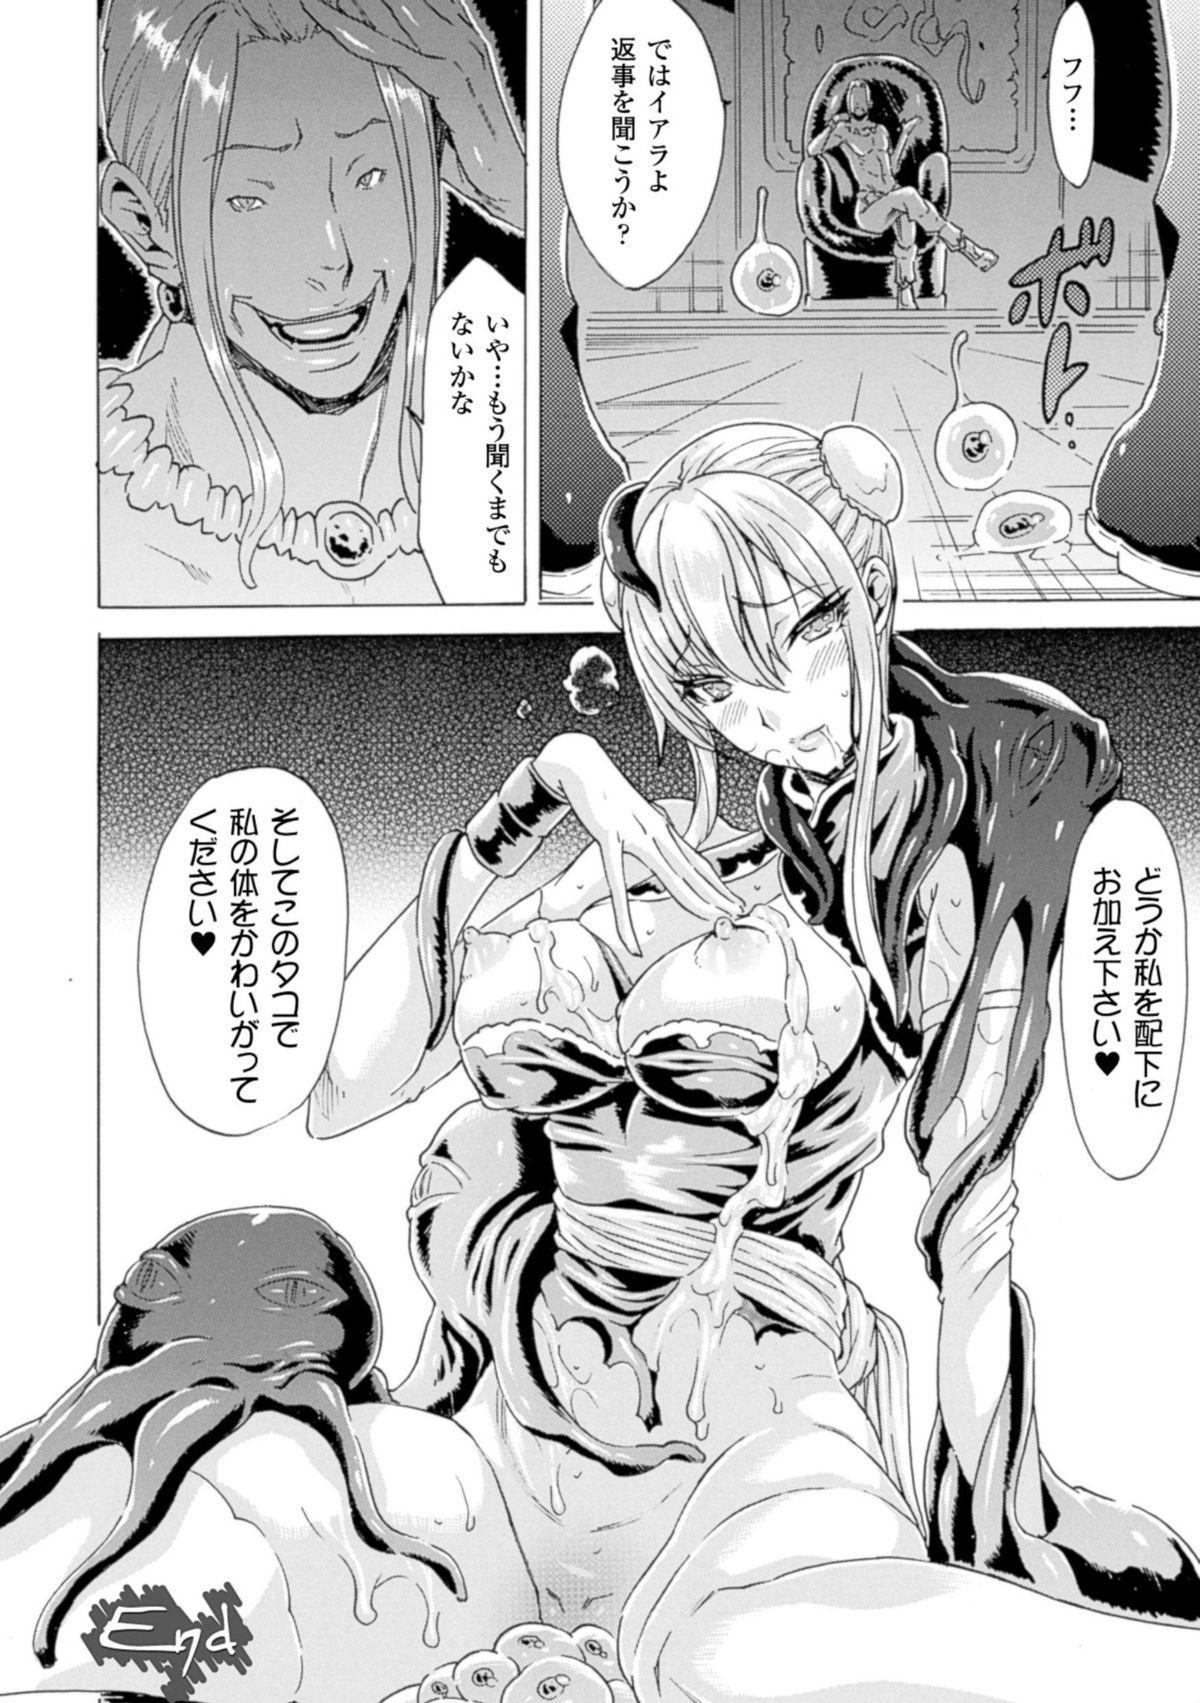 2D Comic Magazine Suisei Seibutsu ni Okasareru Heroine-tachi Vol. 1 21